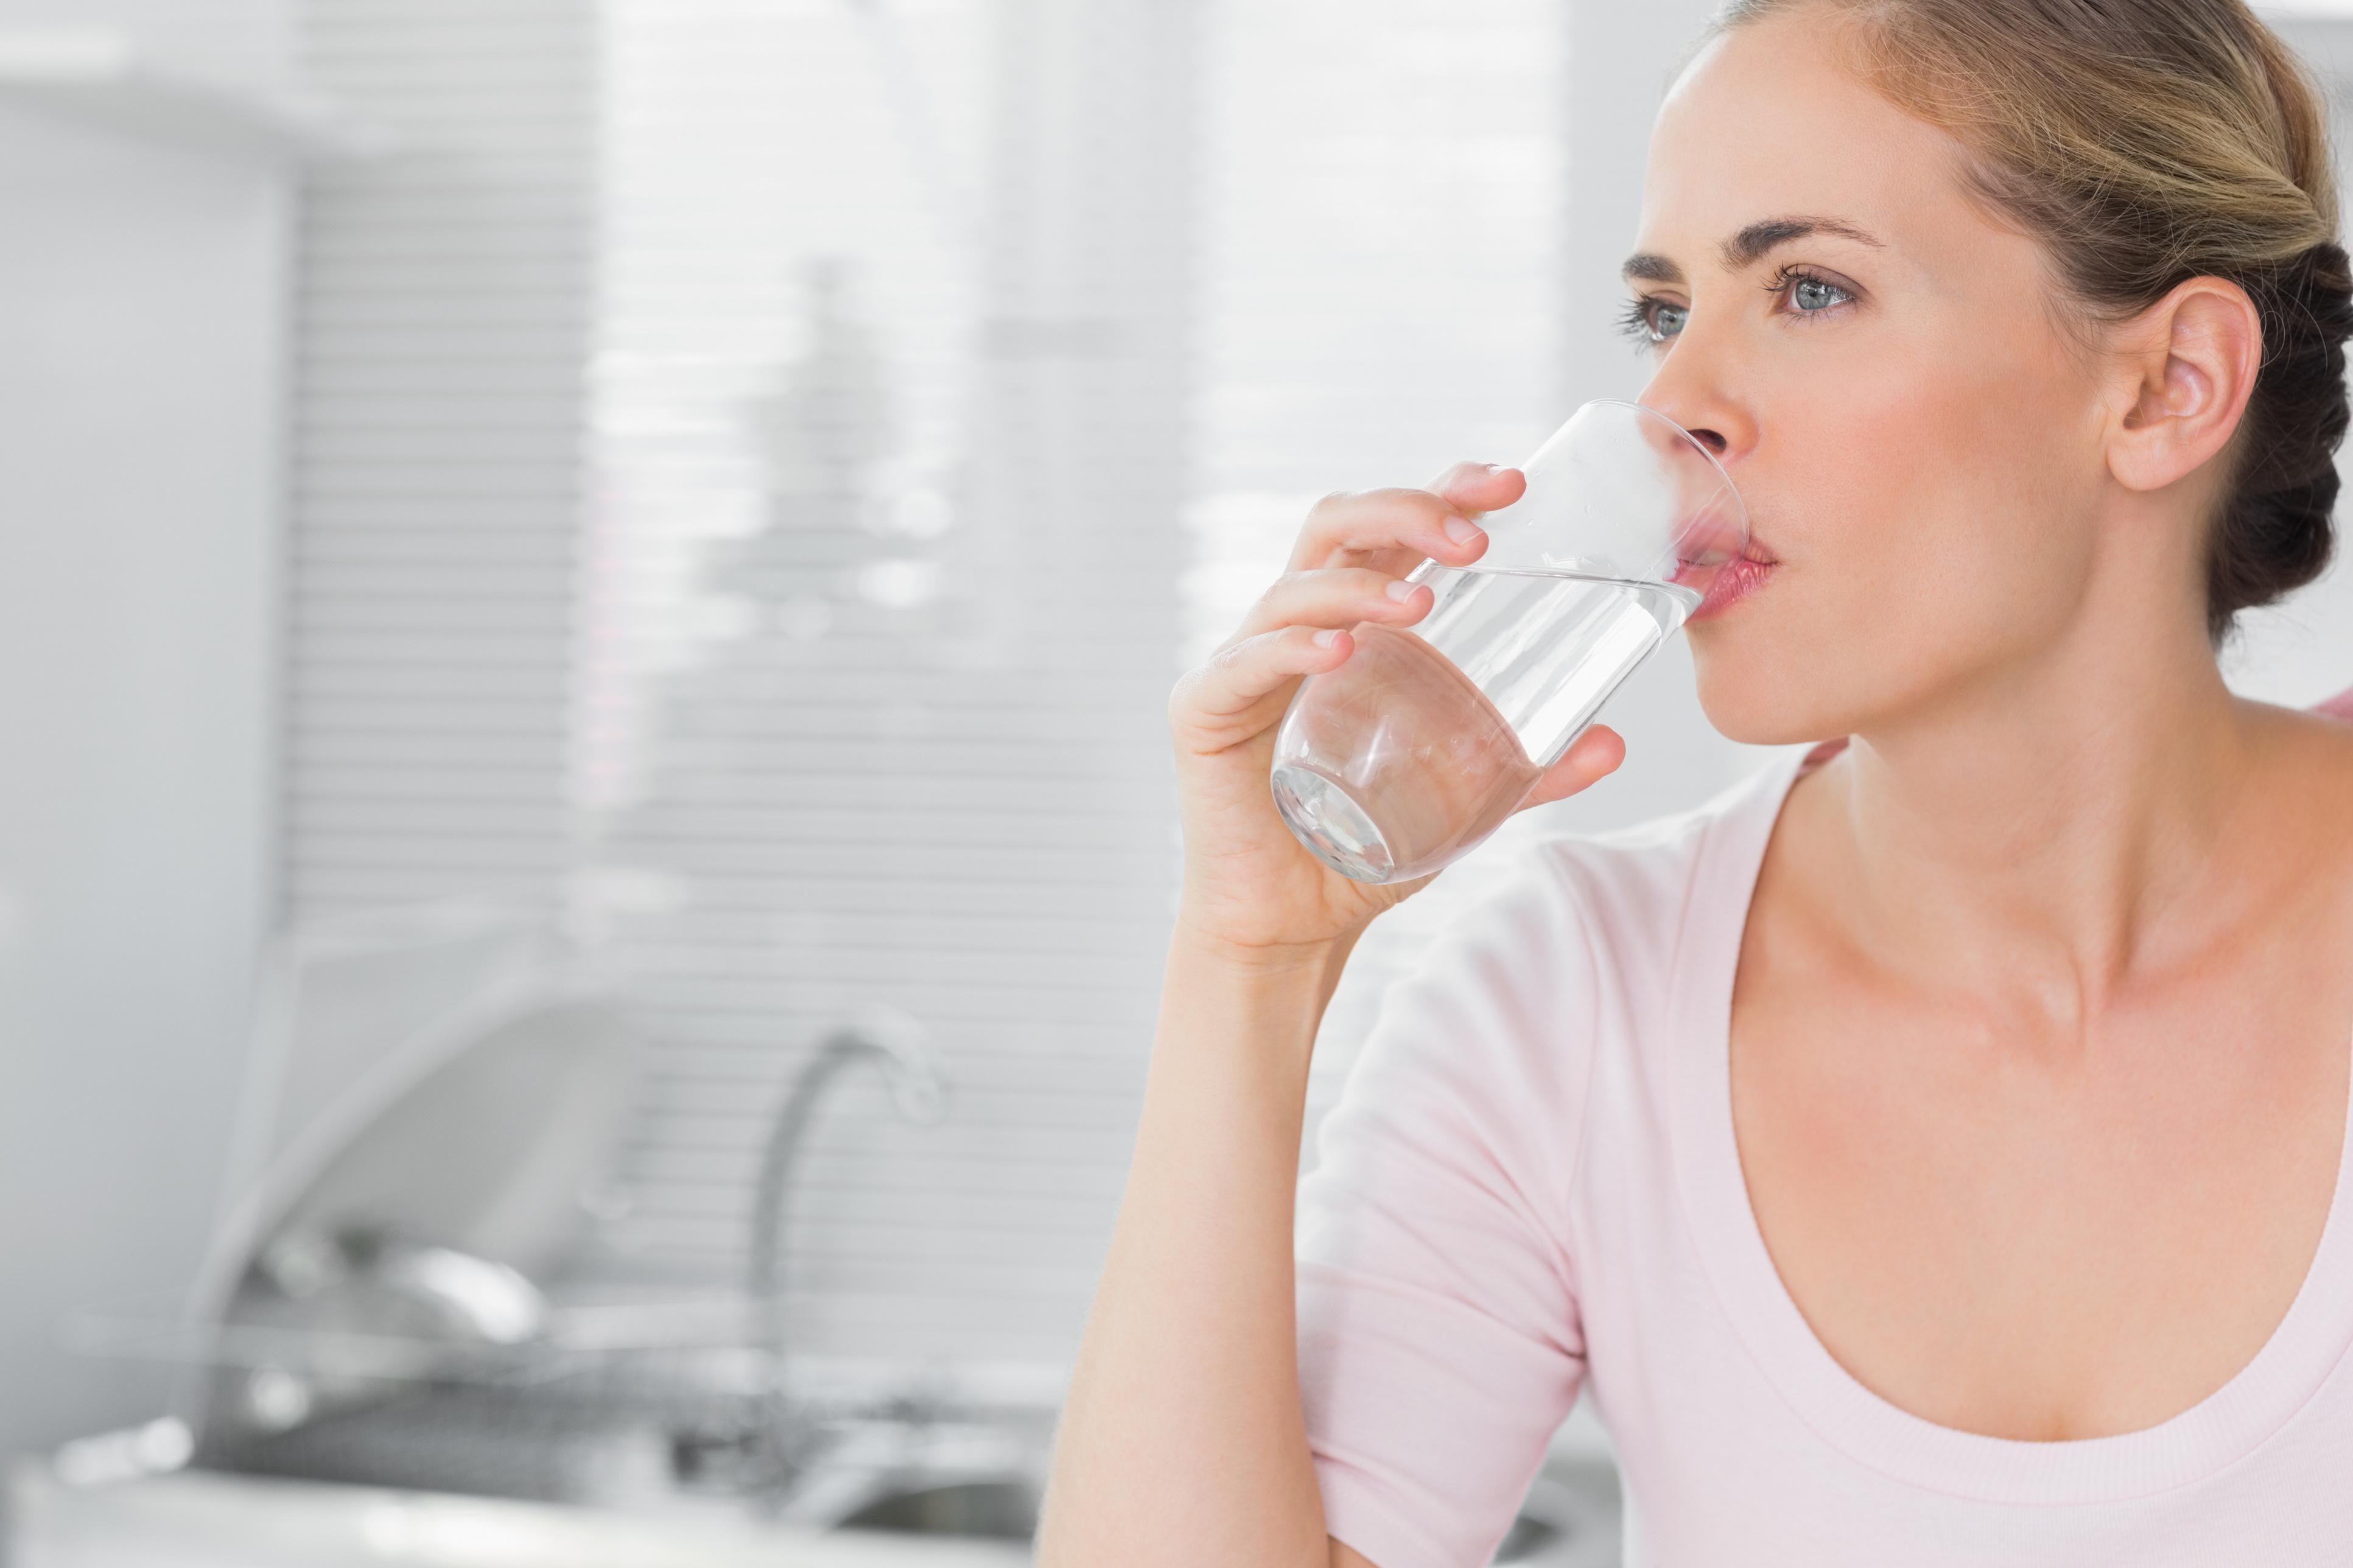 nincs fogyás egész 30 után hogyan lehet fogyni egészséges dr oz